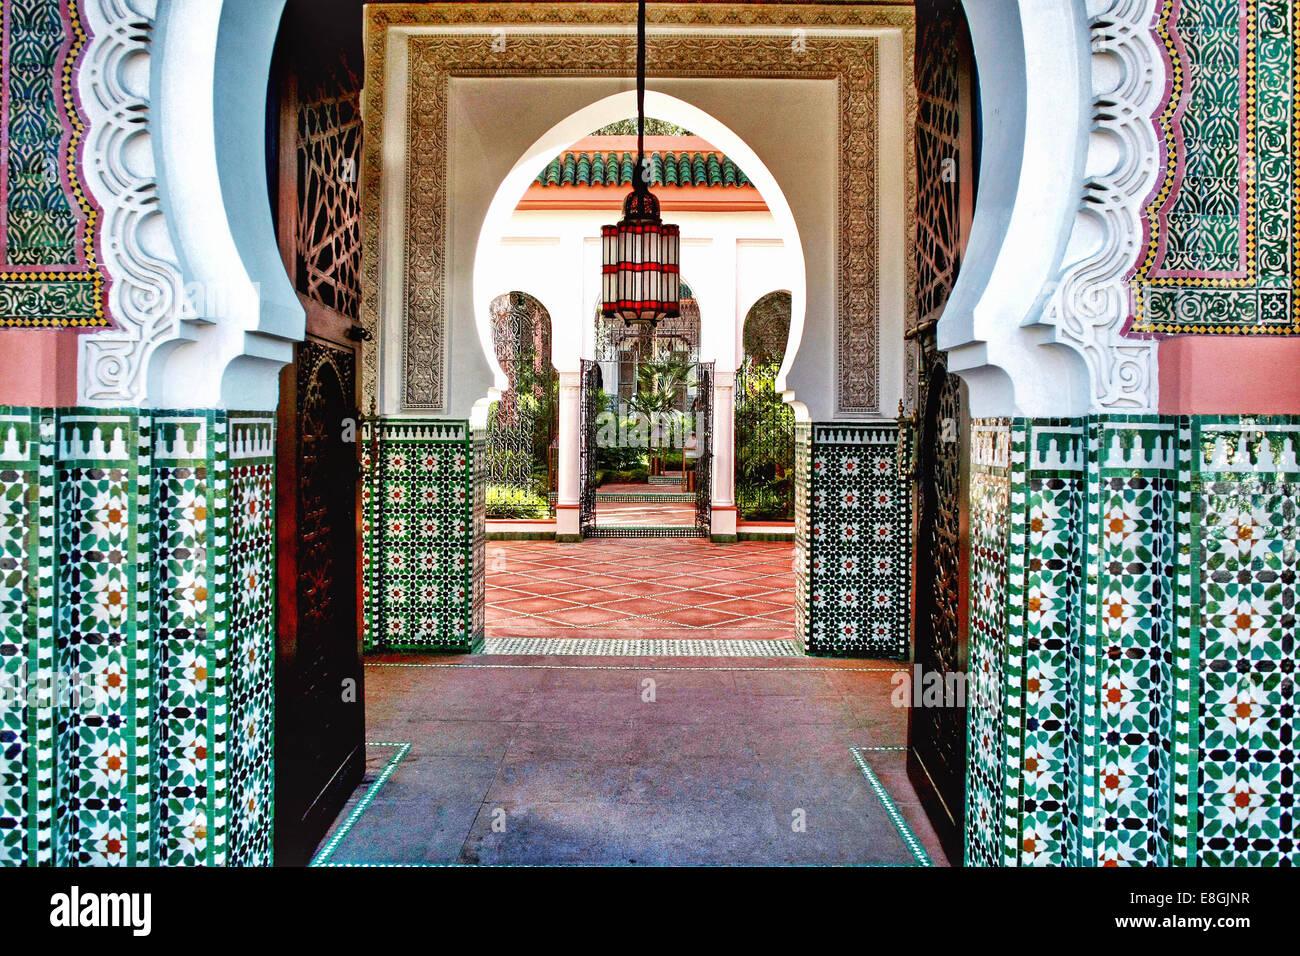 Le Maroc, Marrakesh-Tensift-El Haouz, Marrakech, Marrakech, avec l'intérieur de l'hôtel arcade Photo Stock